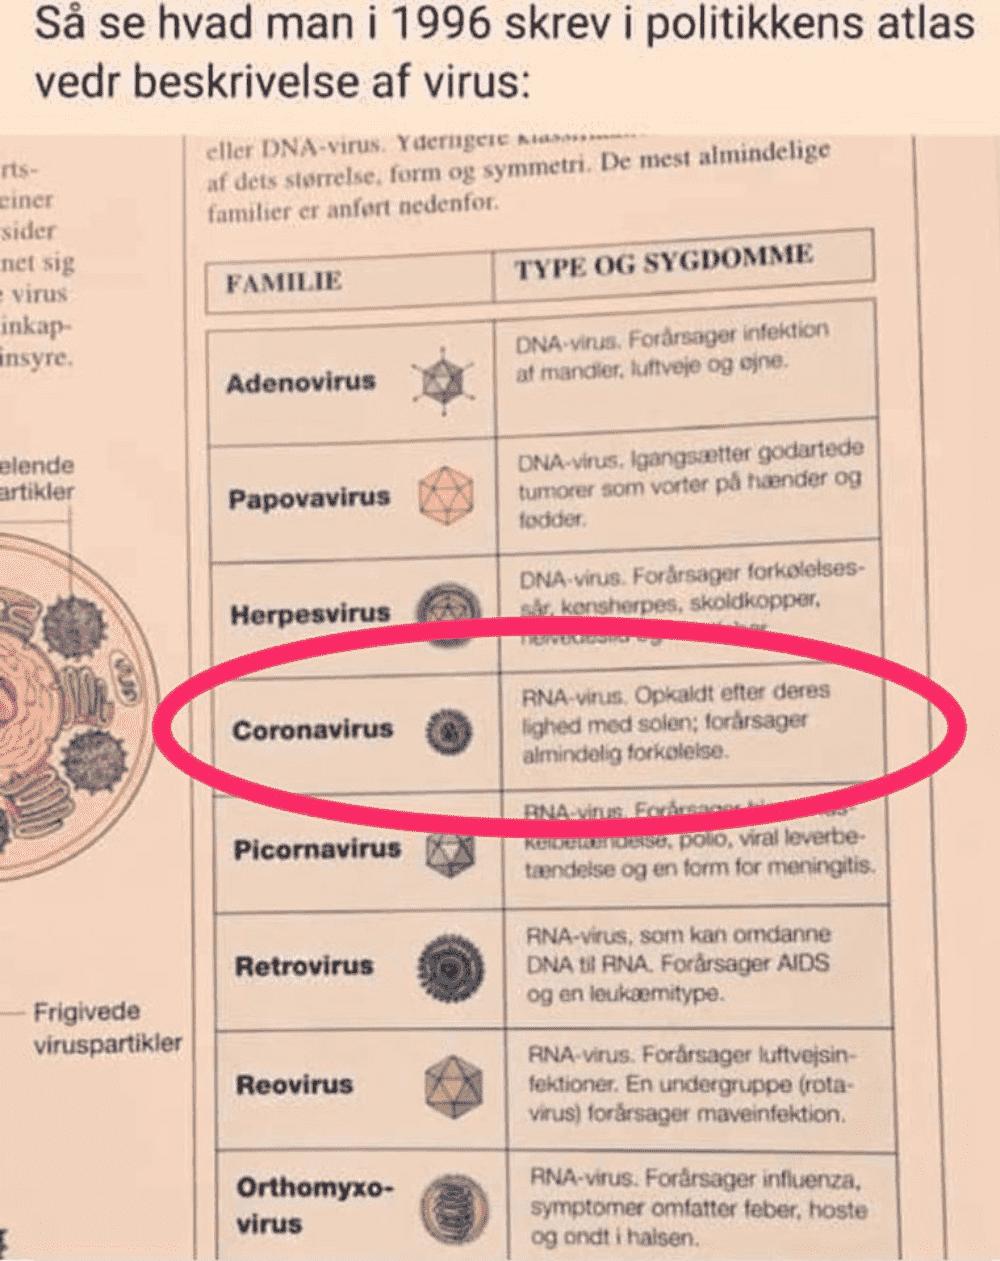 Virus arter